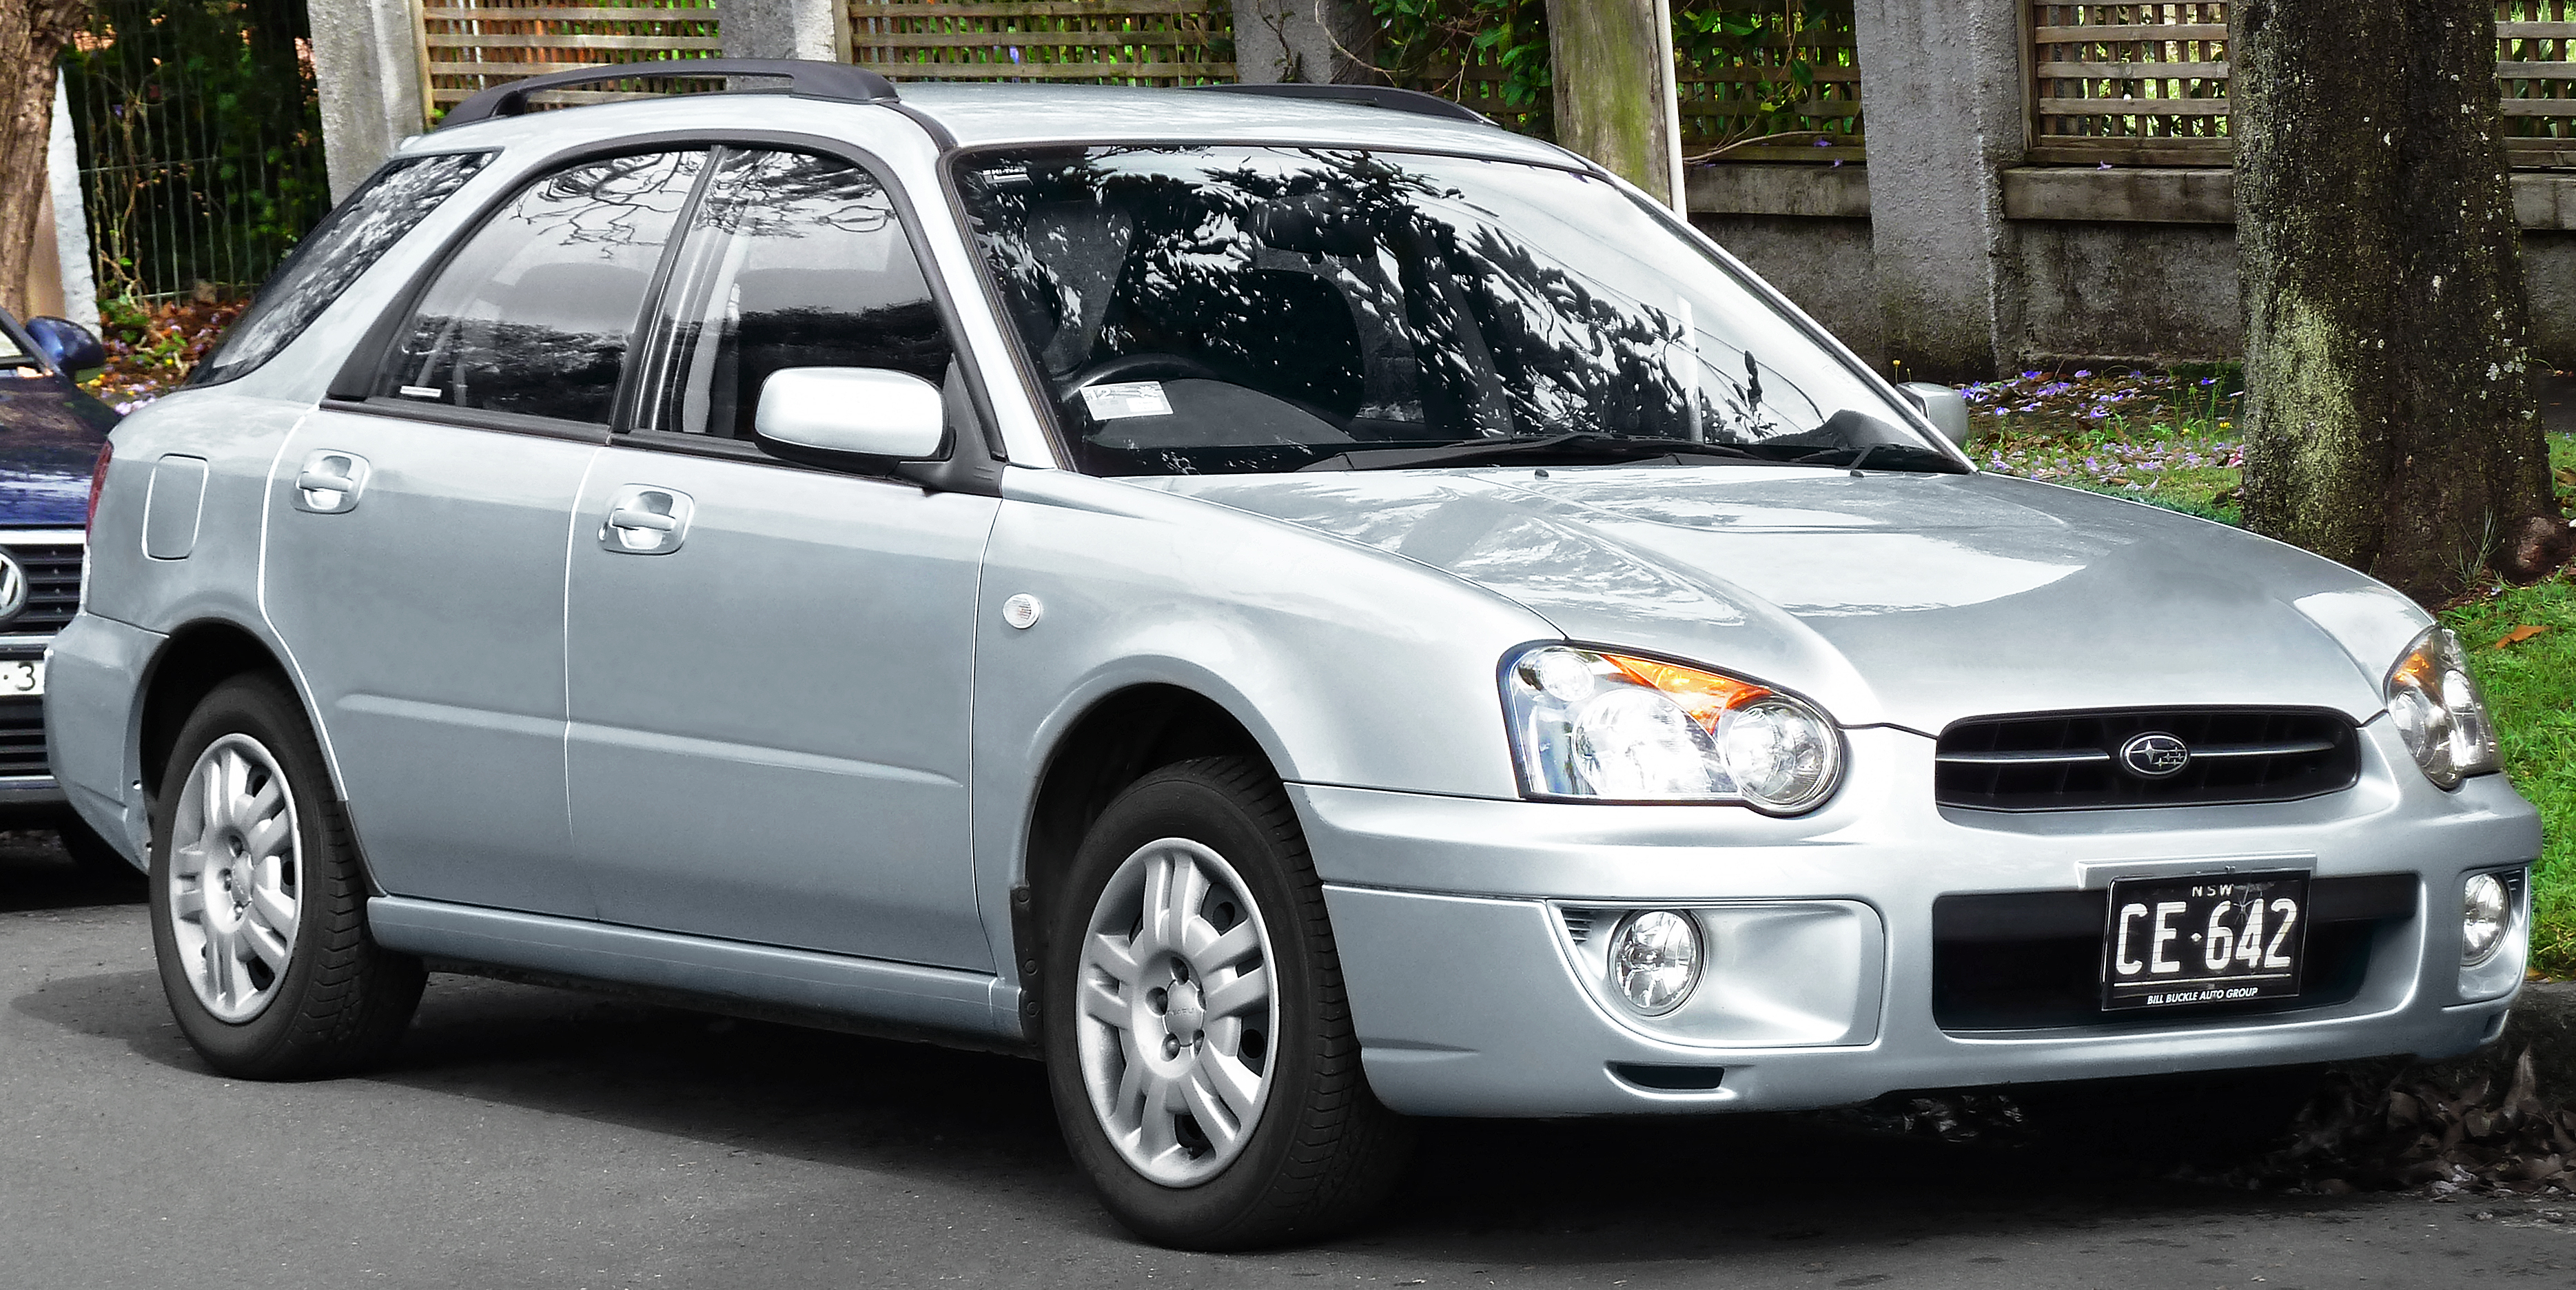 Gg Used Car Dealer Kota Kinabalu Sabah Malaysia